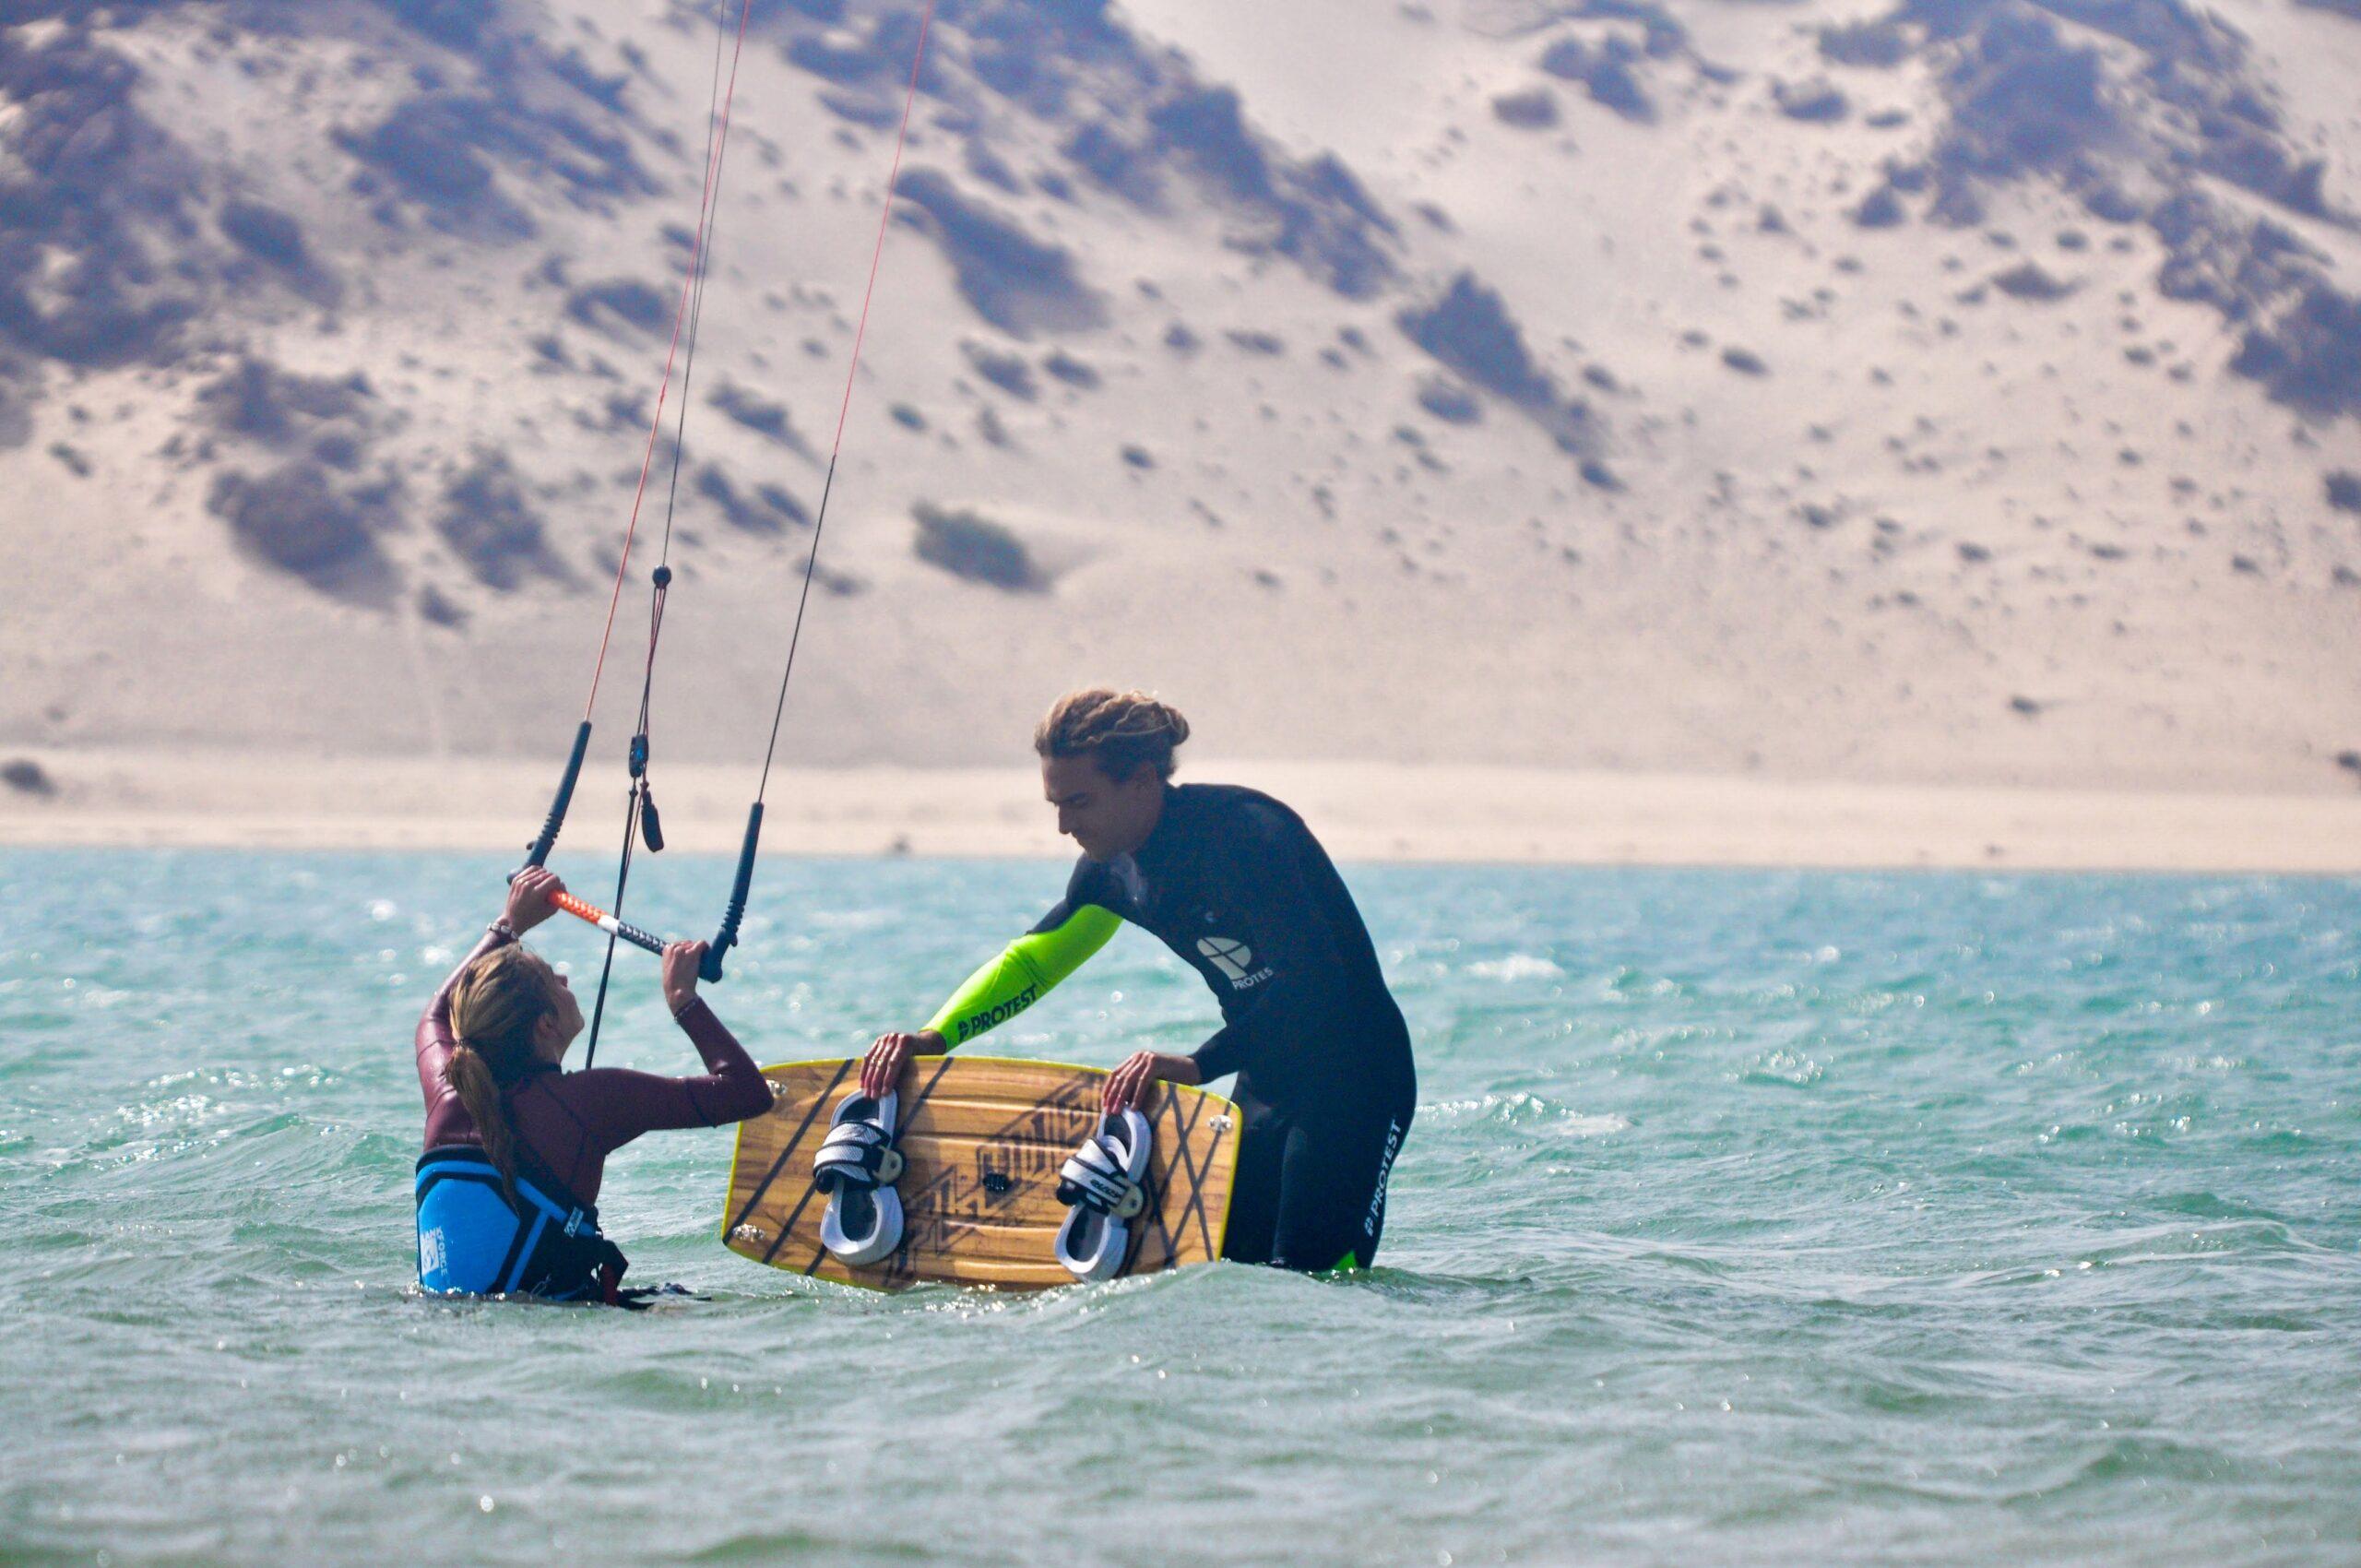 kite-lessons-dakhla